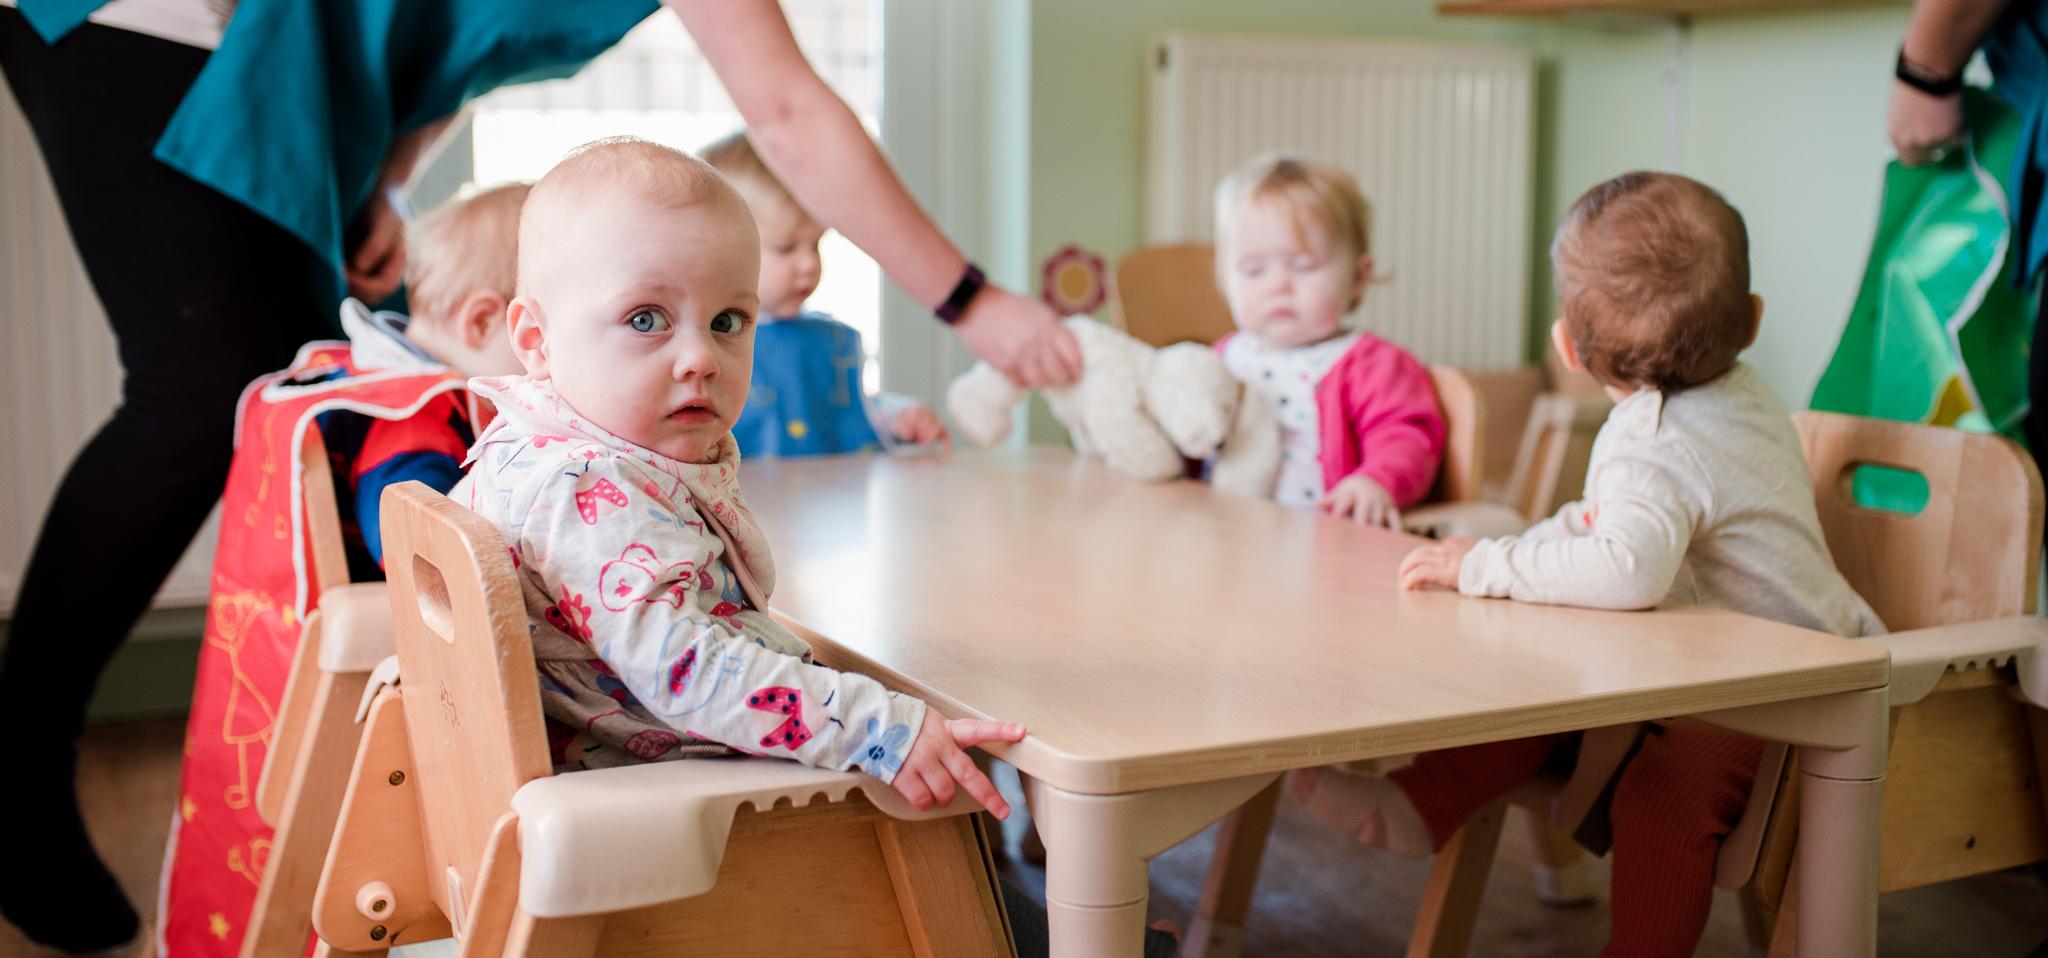 Toddlers preparing for food